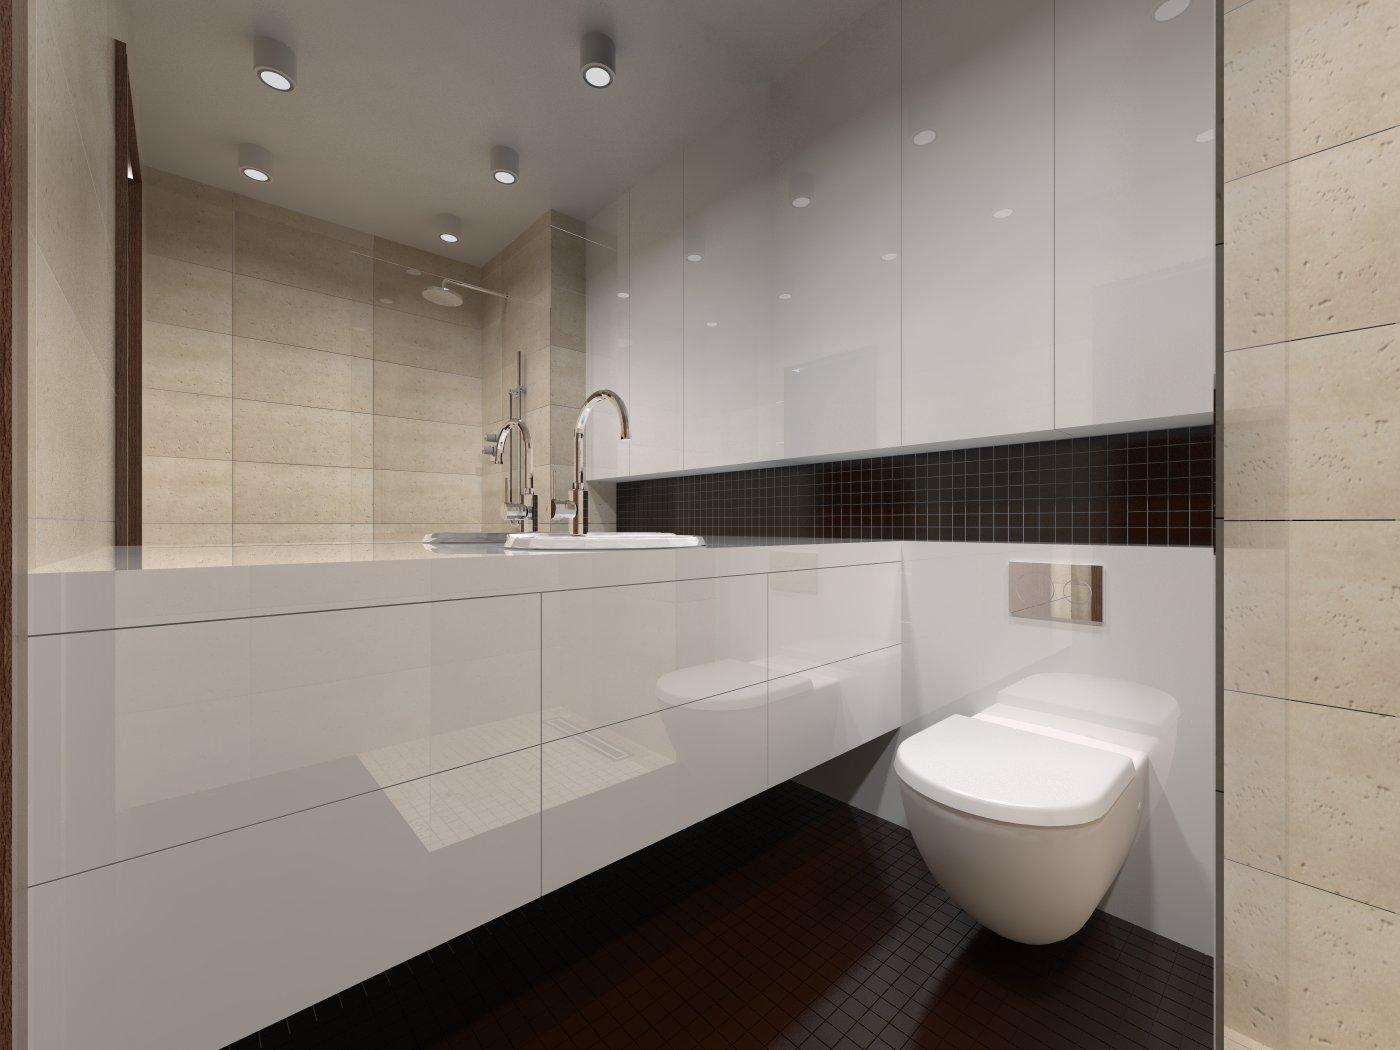 Projekt łazienki we Wrocławiu od studia novoART zajmującego się projektowaniem i aranżacją wnętrz